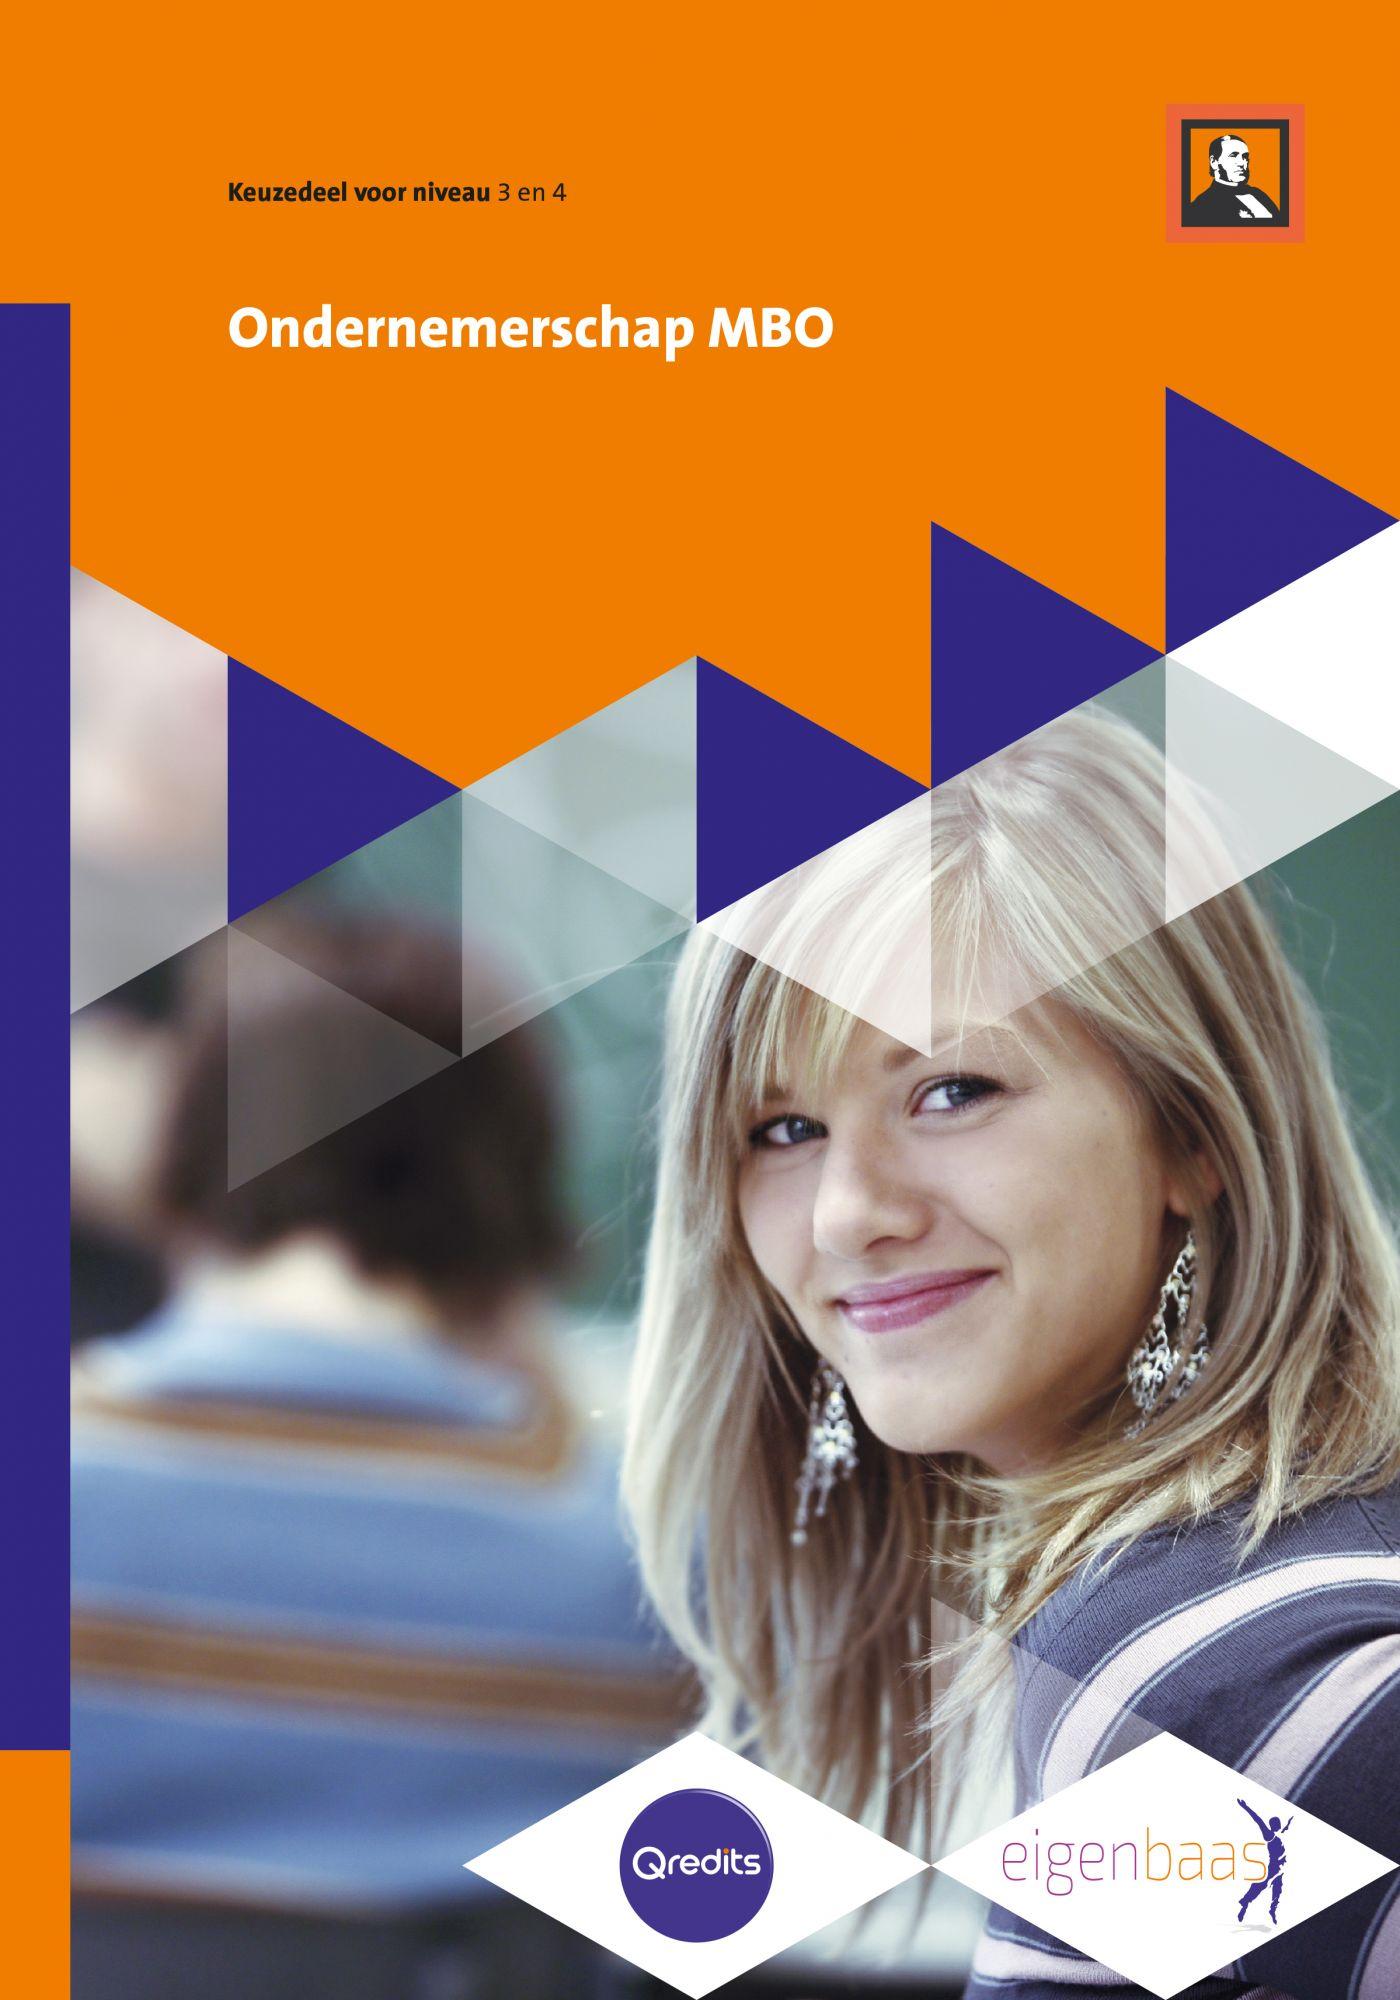 Afbeelding van Ondernemerschap MBO (solo)